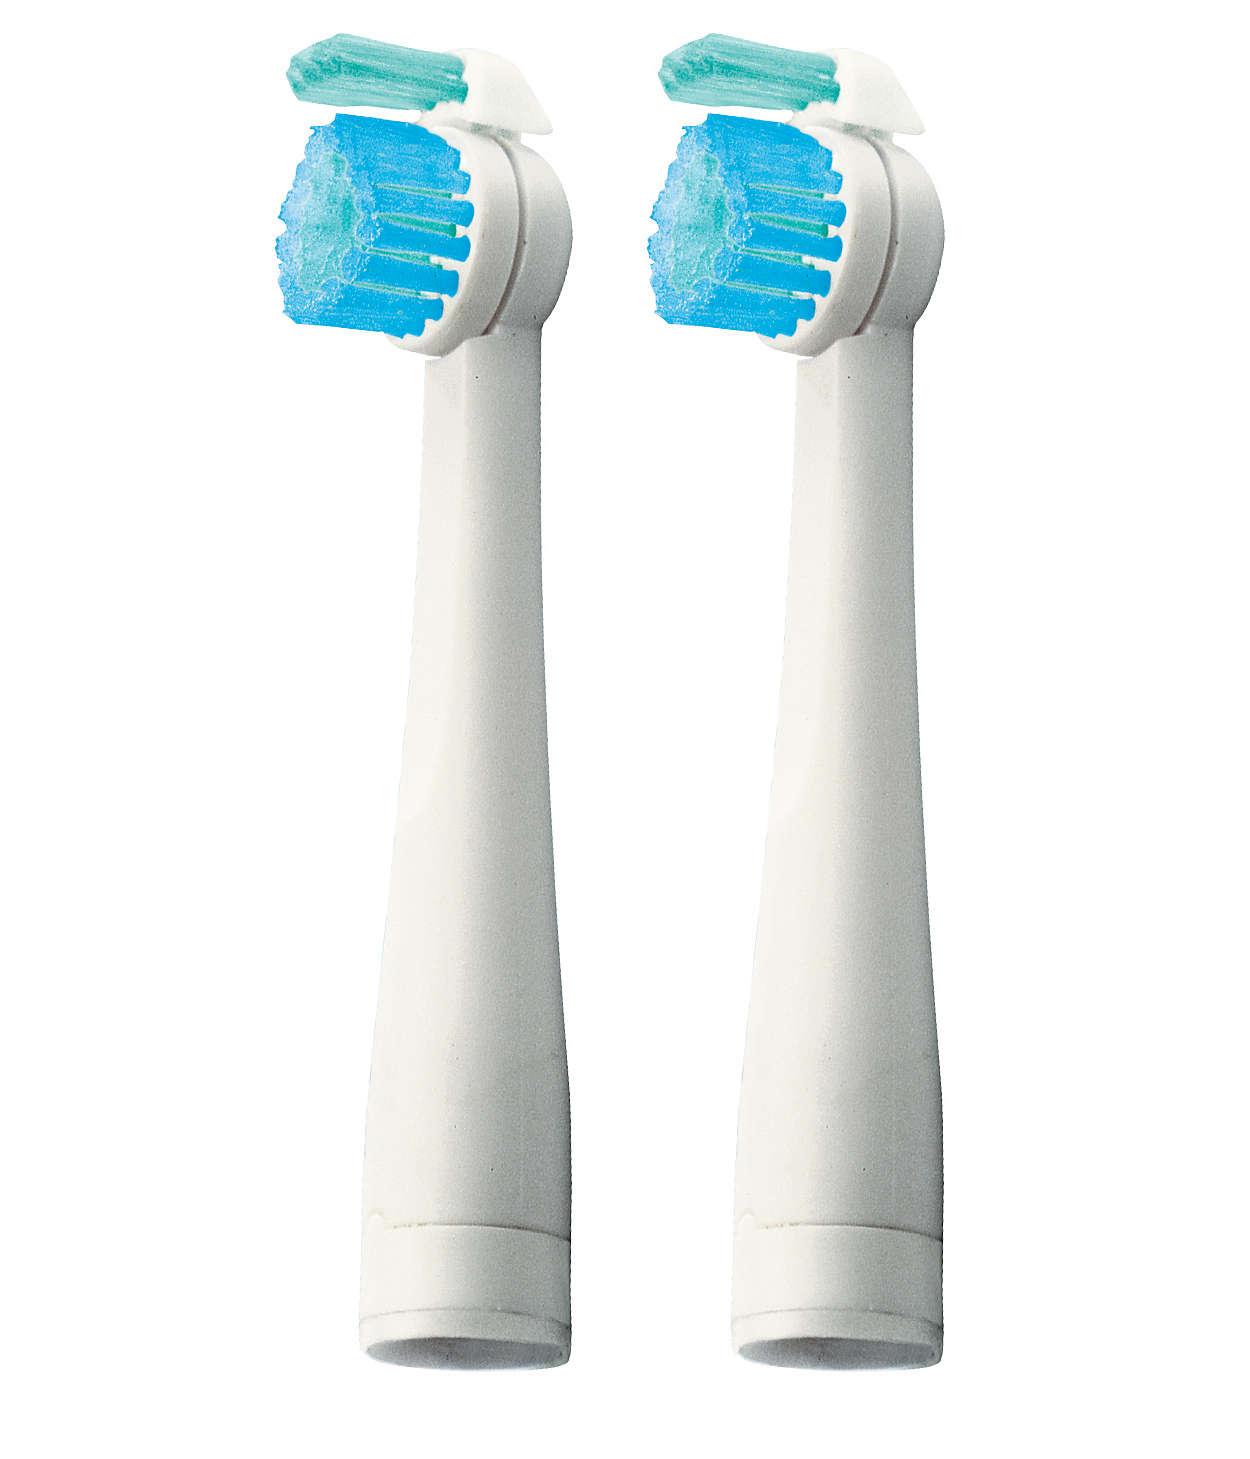 Ersättningsborstar med dubbel rengöring